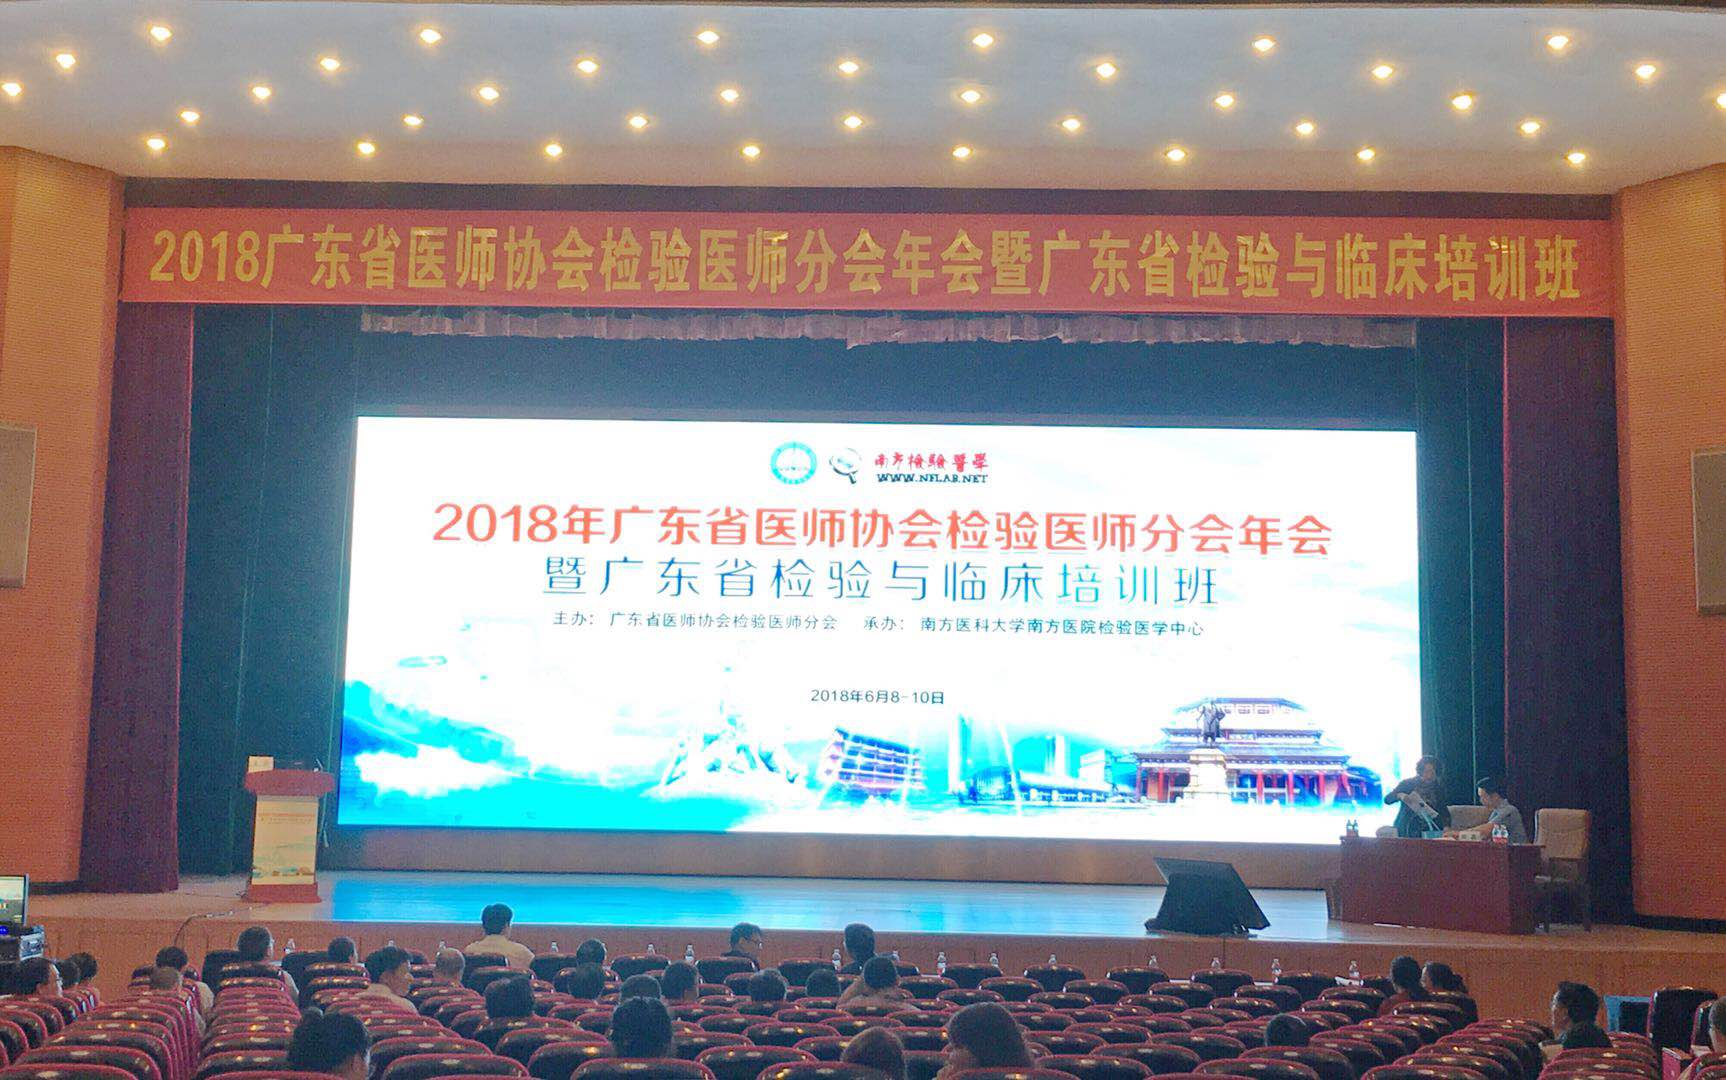 康昕瑞惊喜亮相2018广东省医师协会检验医师分会年会